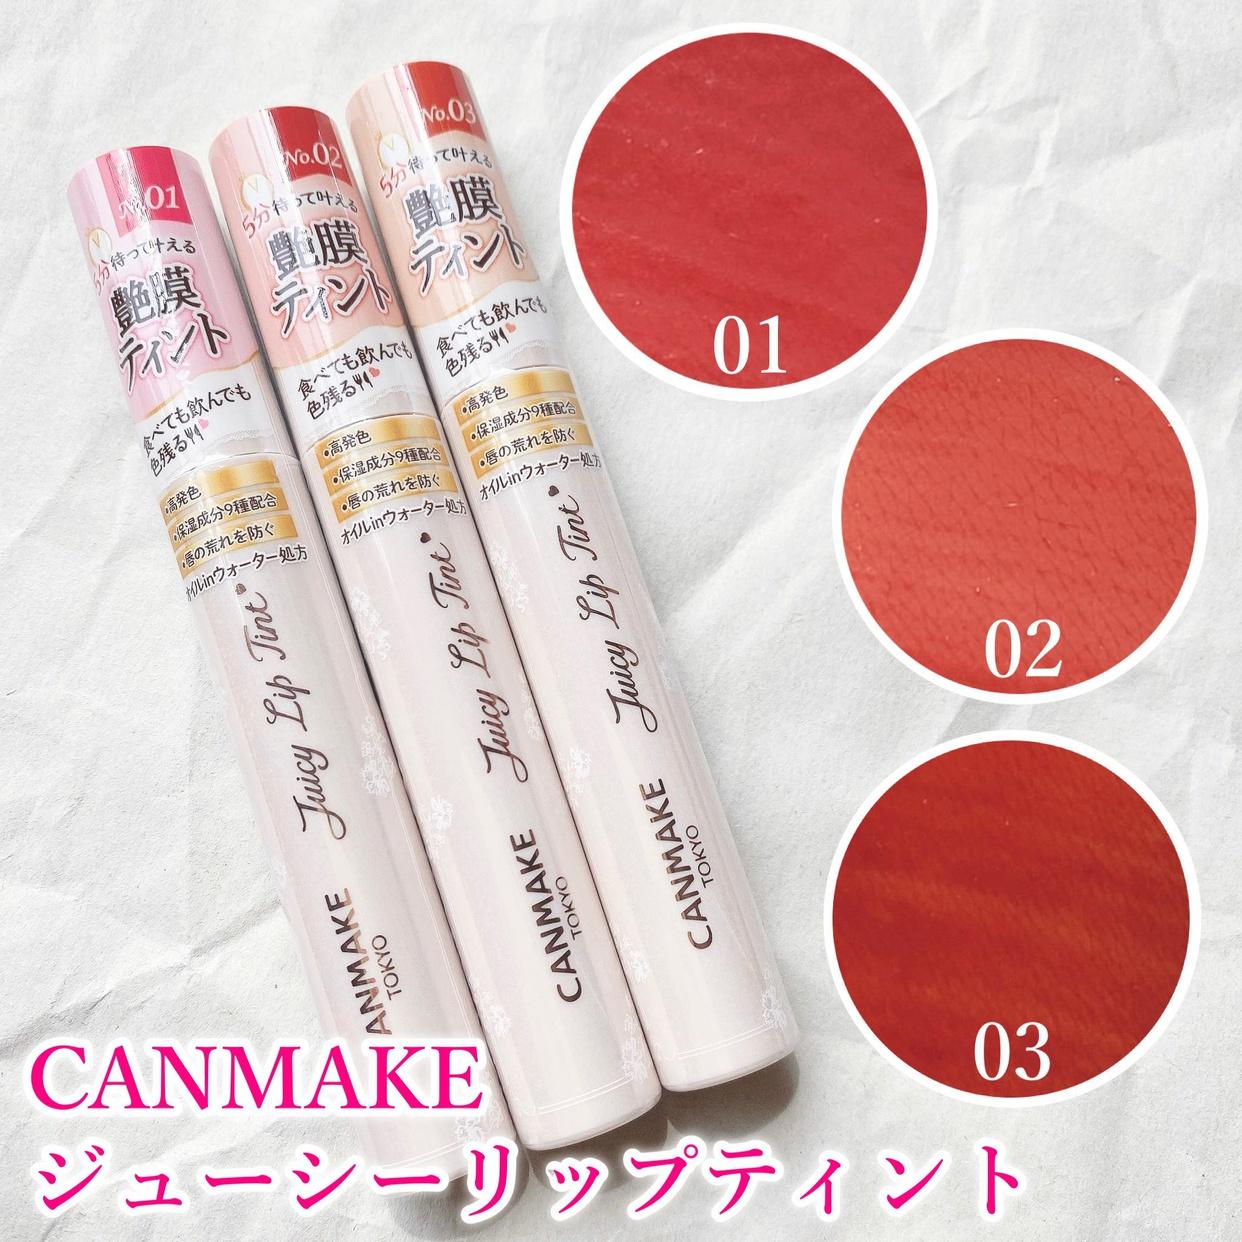 CANMAKE(キャンメイク) ジューシー リップ ティントを使ったSuzukaさんのクチコミ画像1